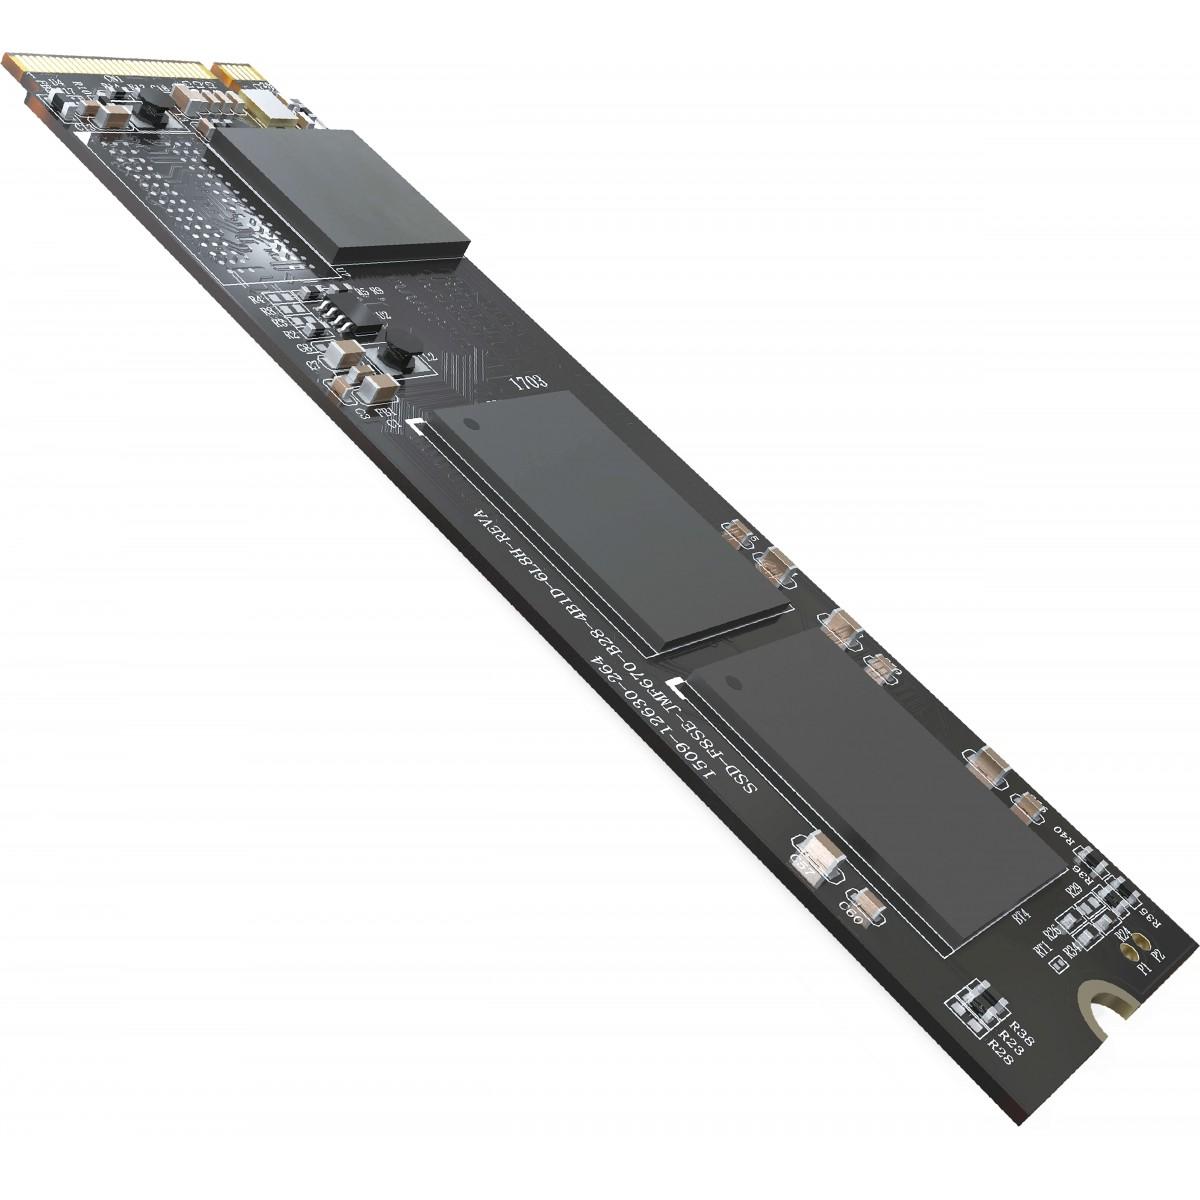 SSD Hikvision E1000, 256GB, Nvme, Leitura 1900MBs e Gravação 1200MBs, HS-SSD-E1000-256G